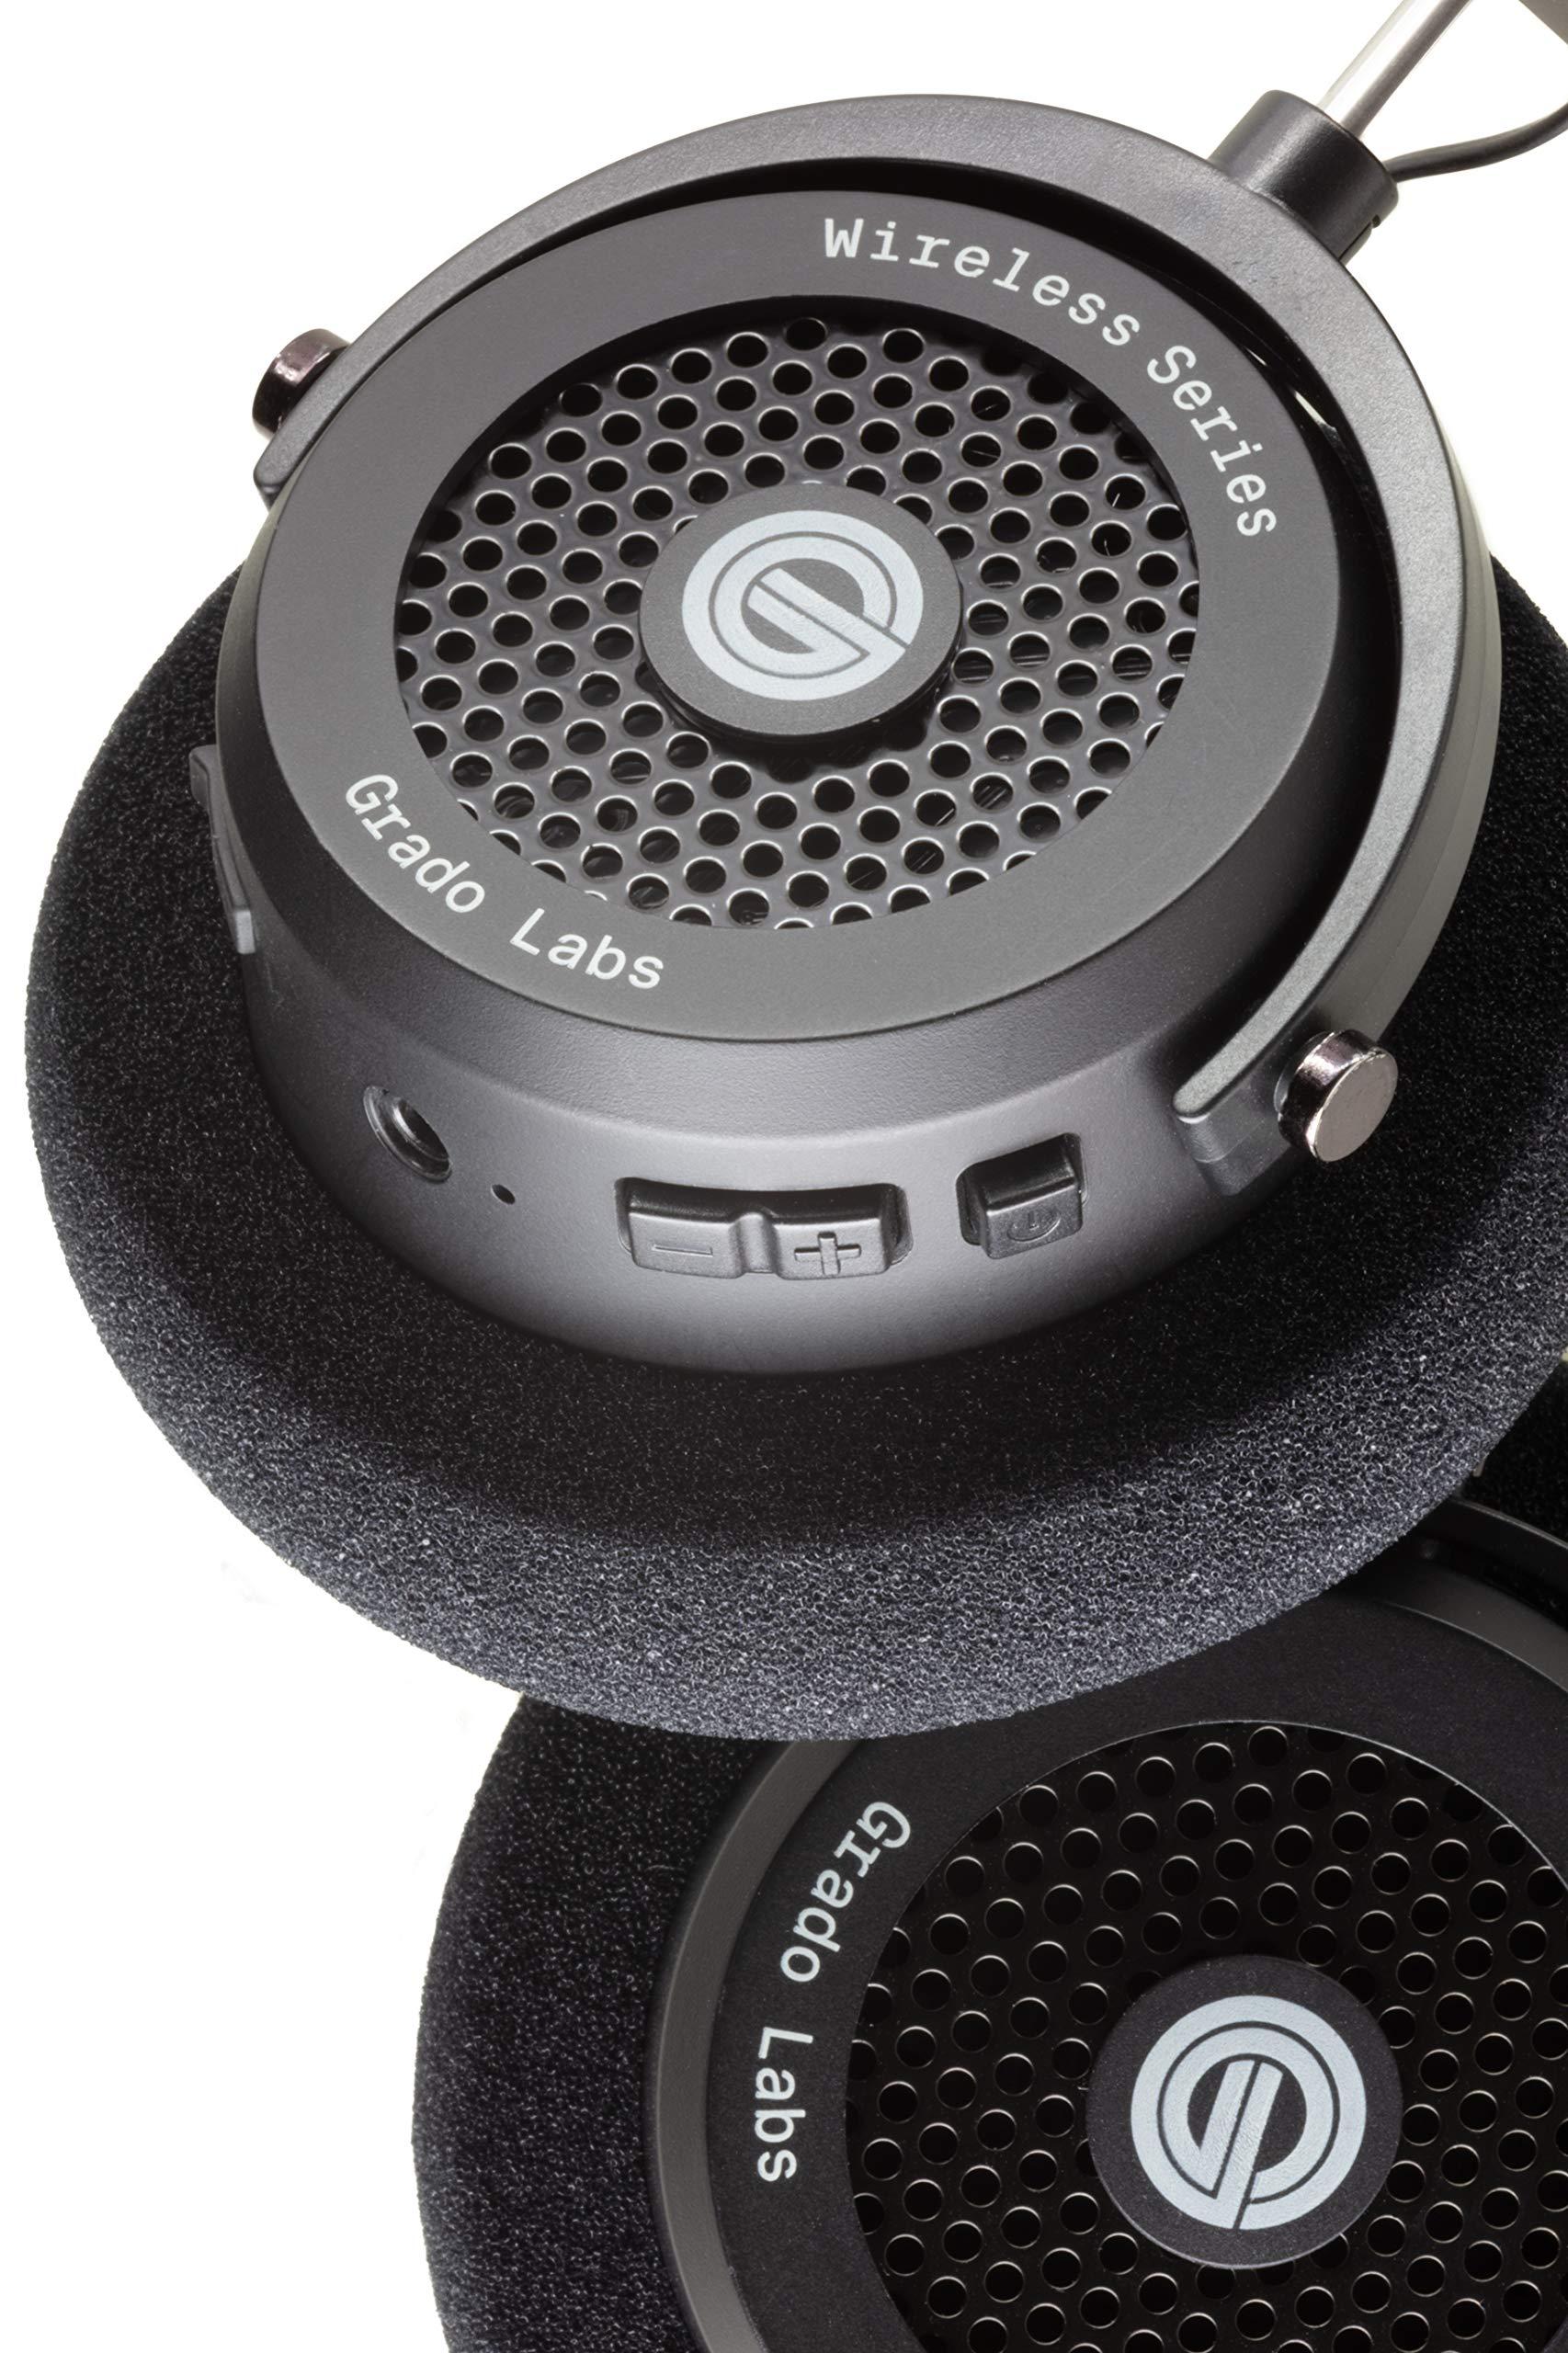 GRADO GW100 Wireless Bluetooth Headphones - Open Back and On Ear by Grado (Image #2)